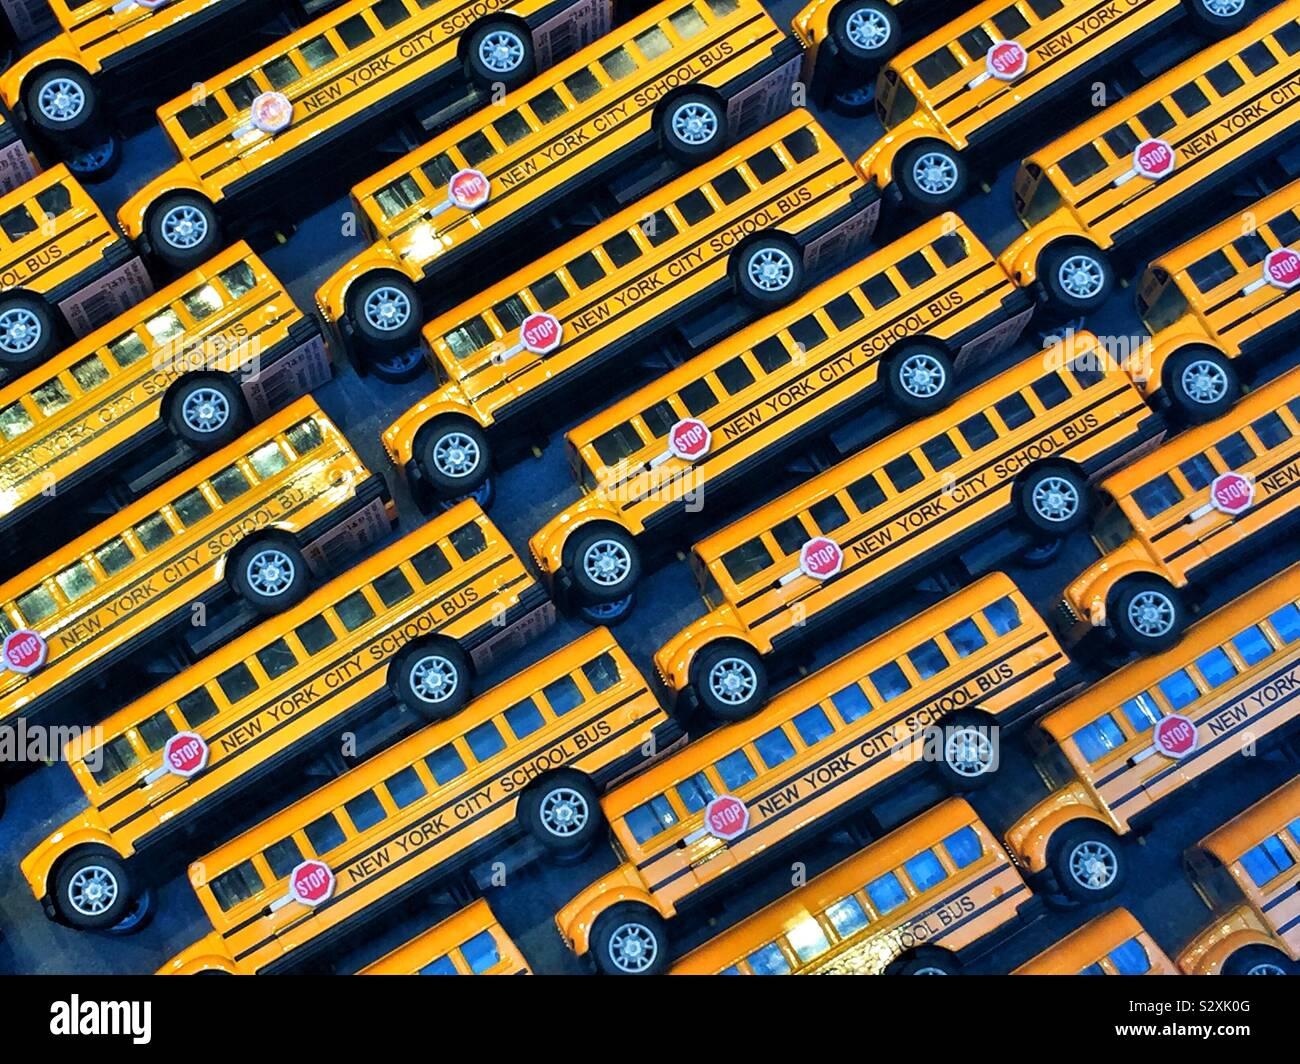 Spielzeug New York City Schulbusse in einem Schaufenster. Stockfoto